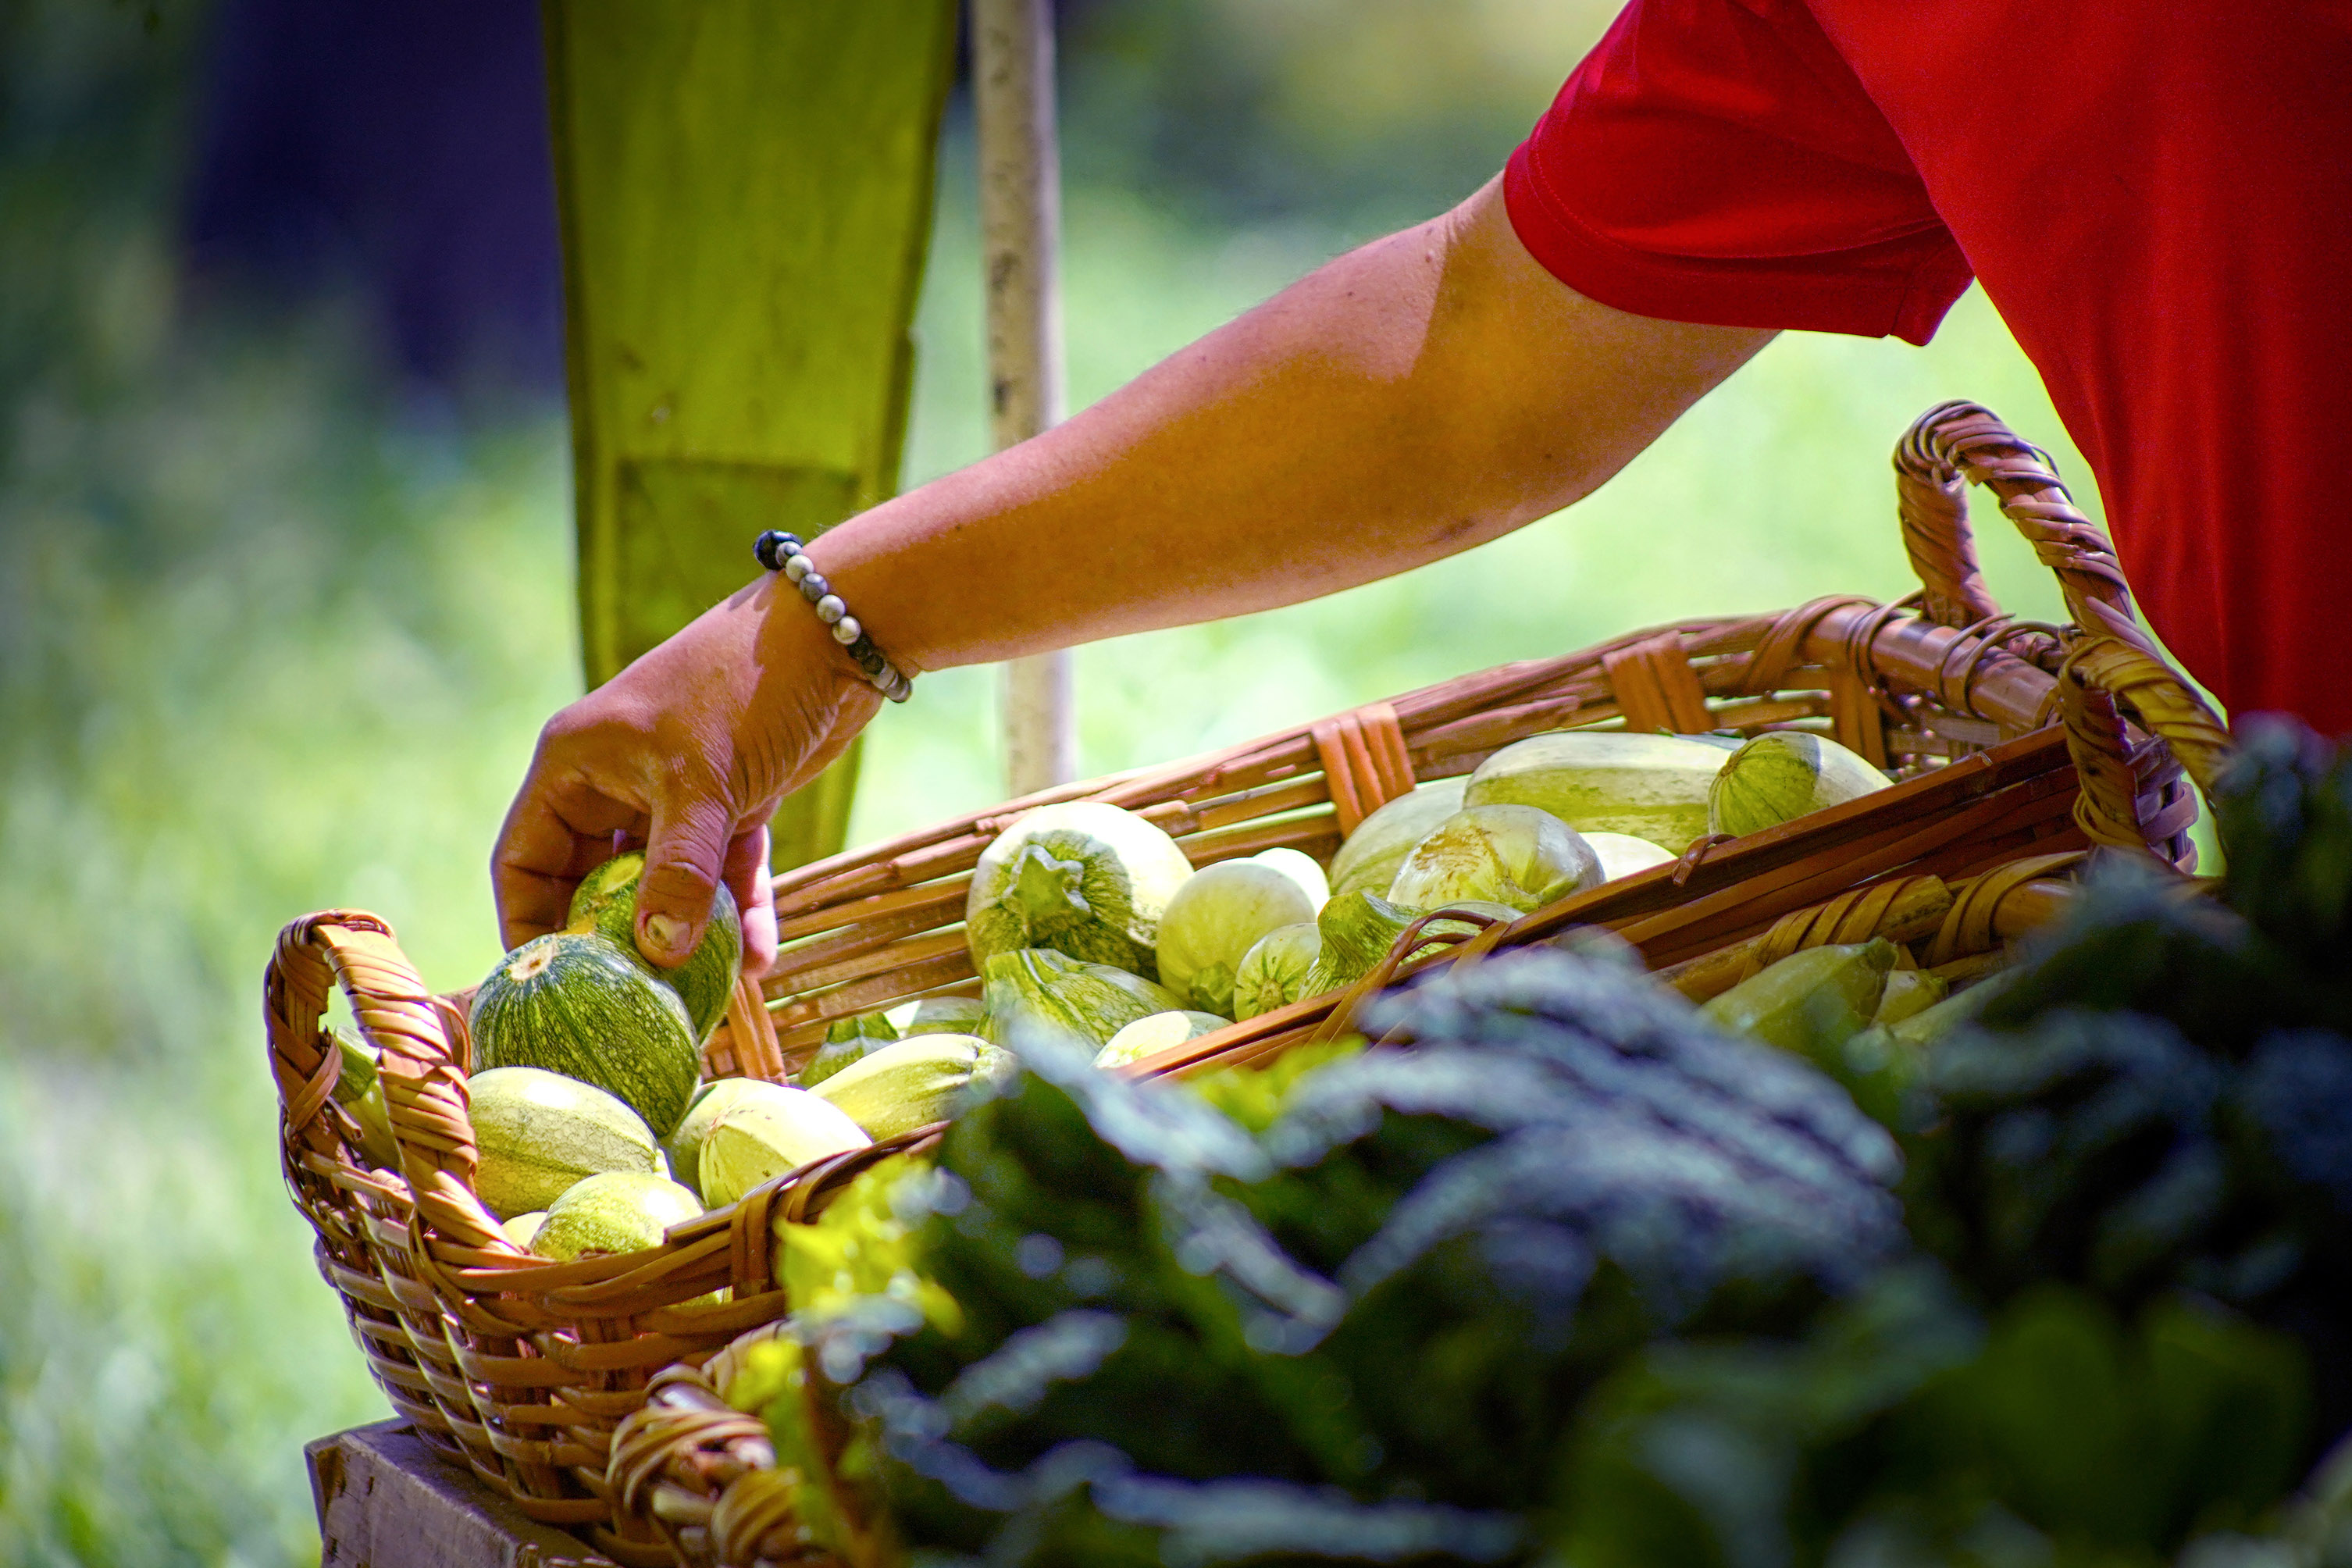 Venta directa de productores agroecológicos en el mercado de las cosas verdes.